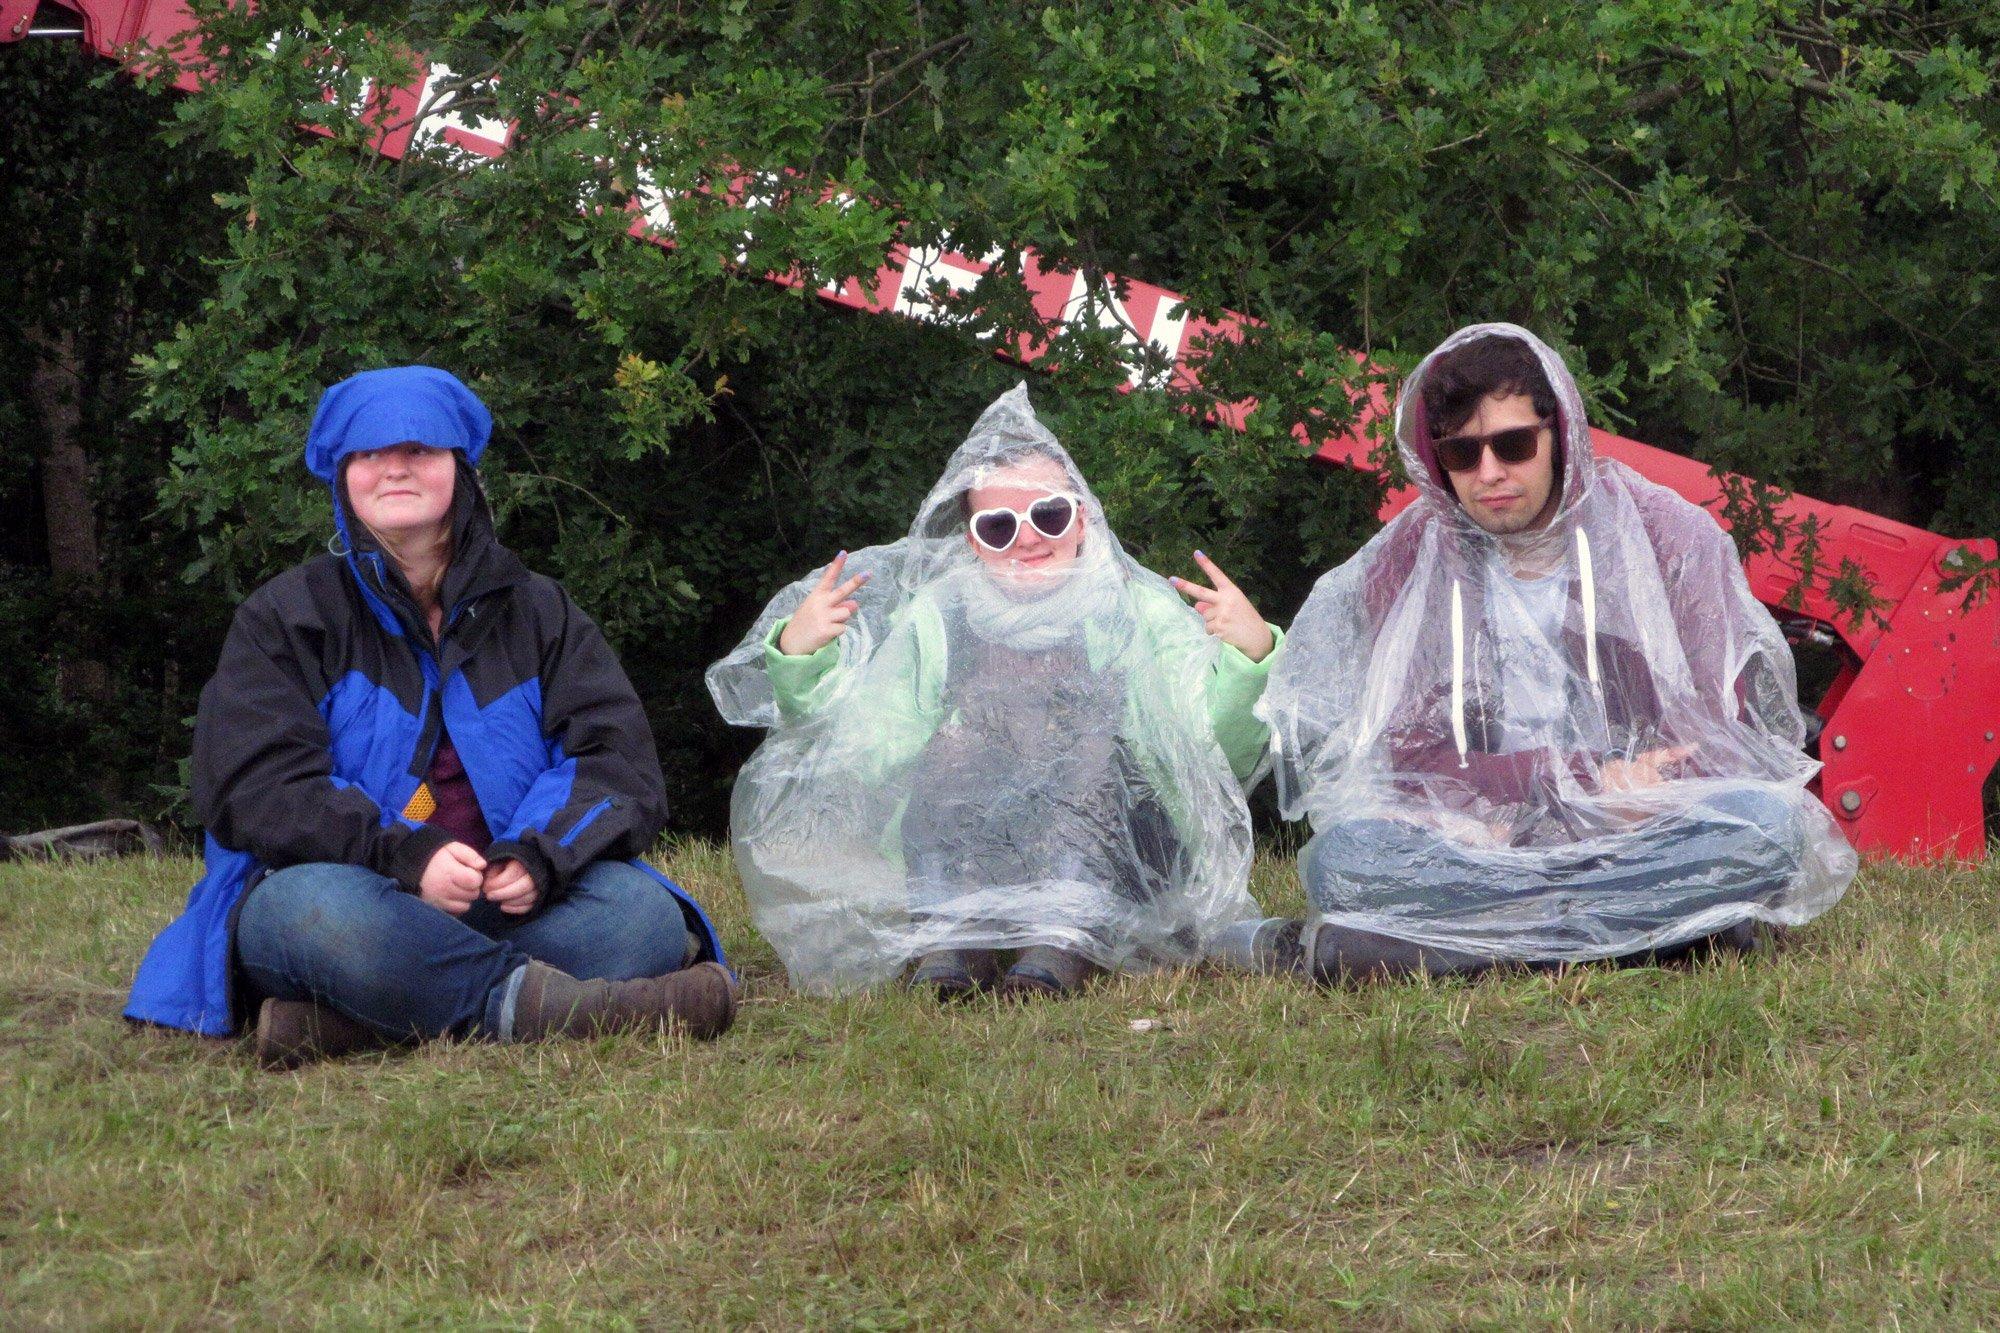 Hurricane Festival: Regenponchos